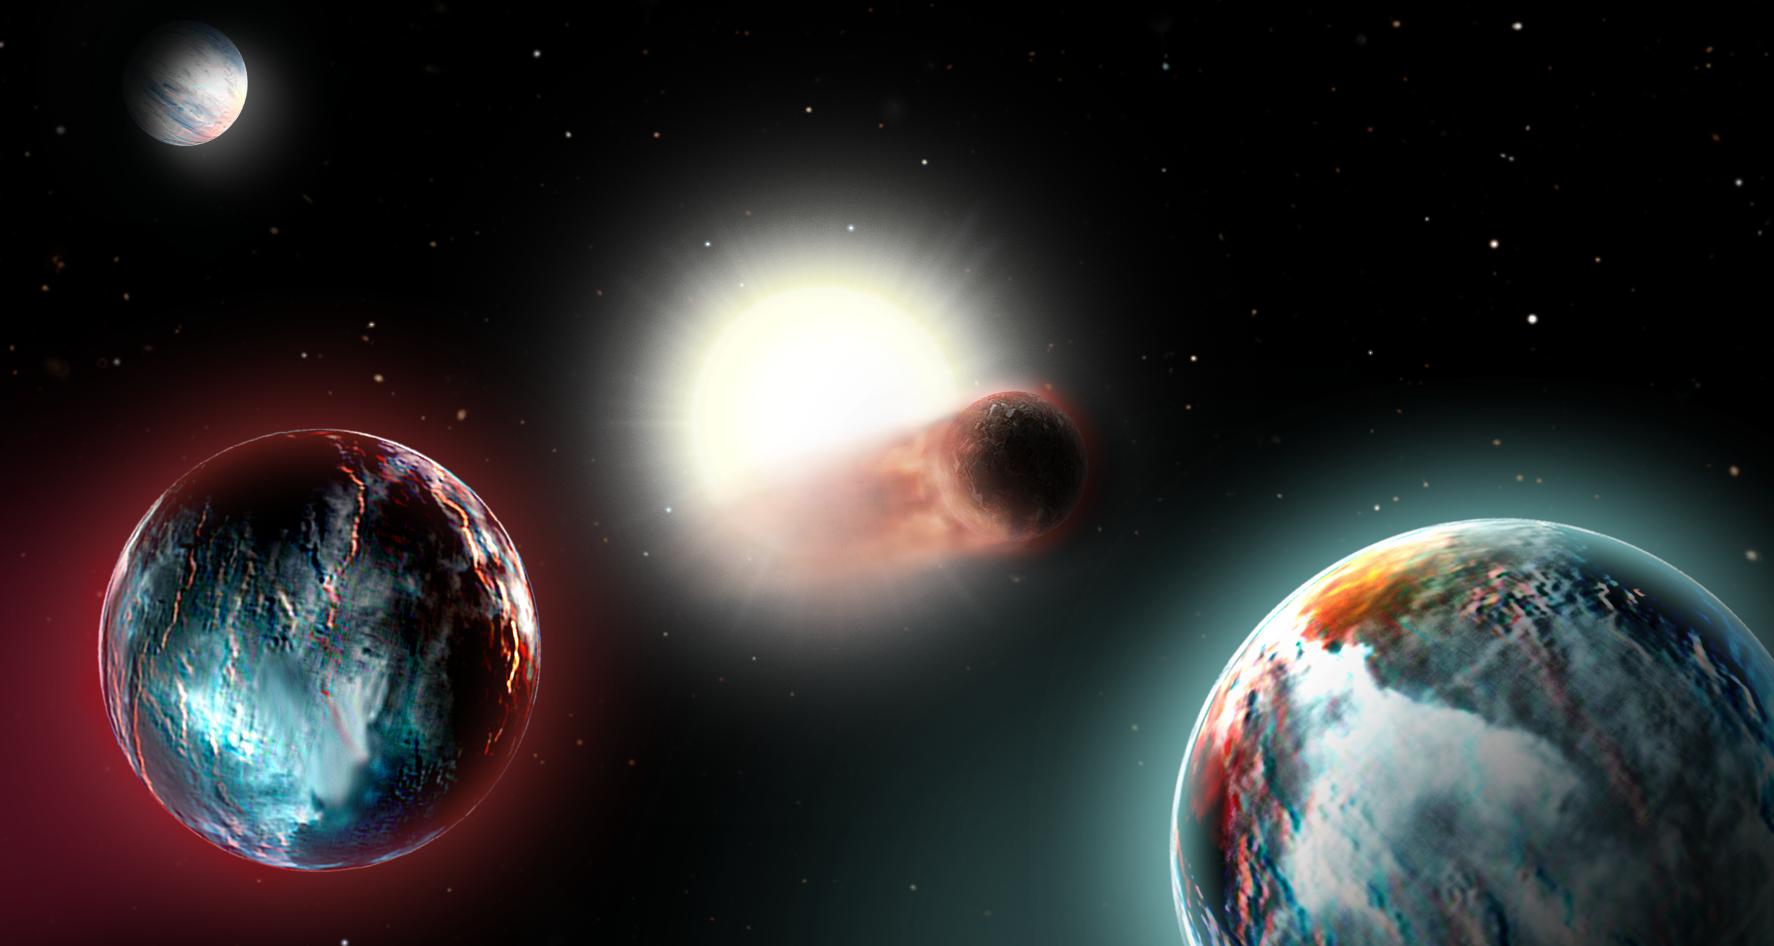 Червоточины. могут ли червоточины существовать? | наука для всех простыми словами